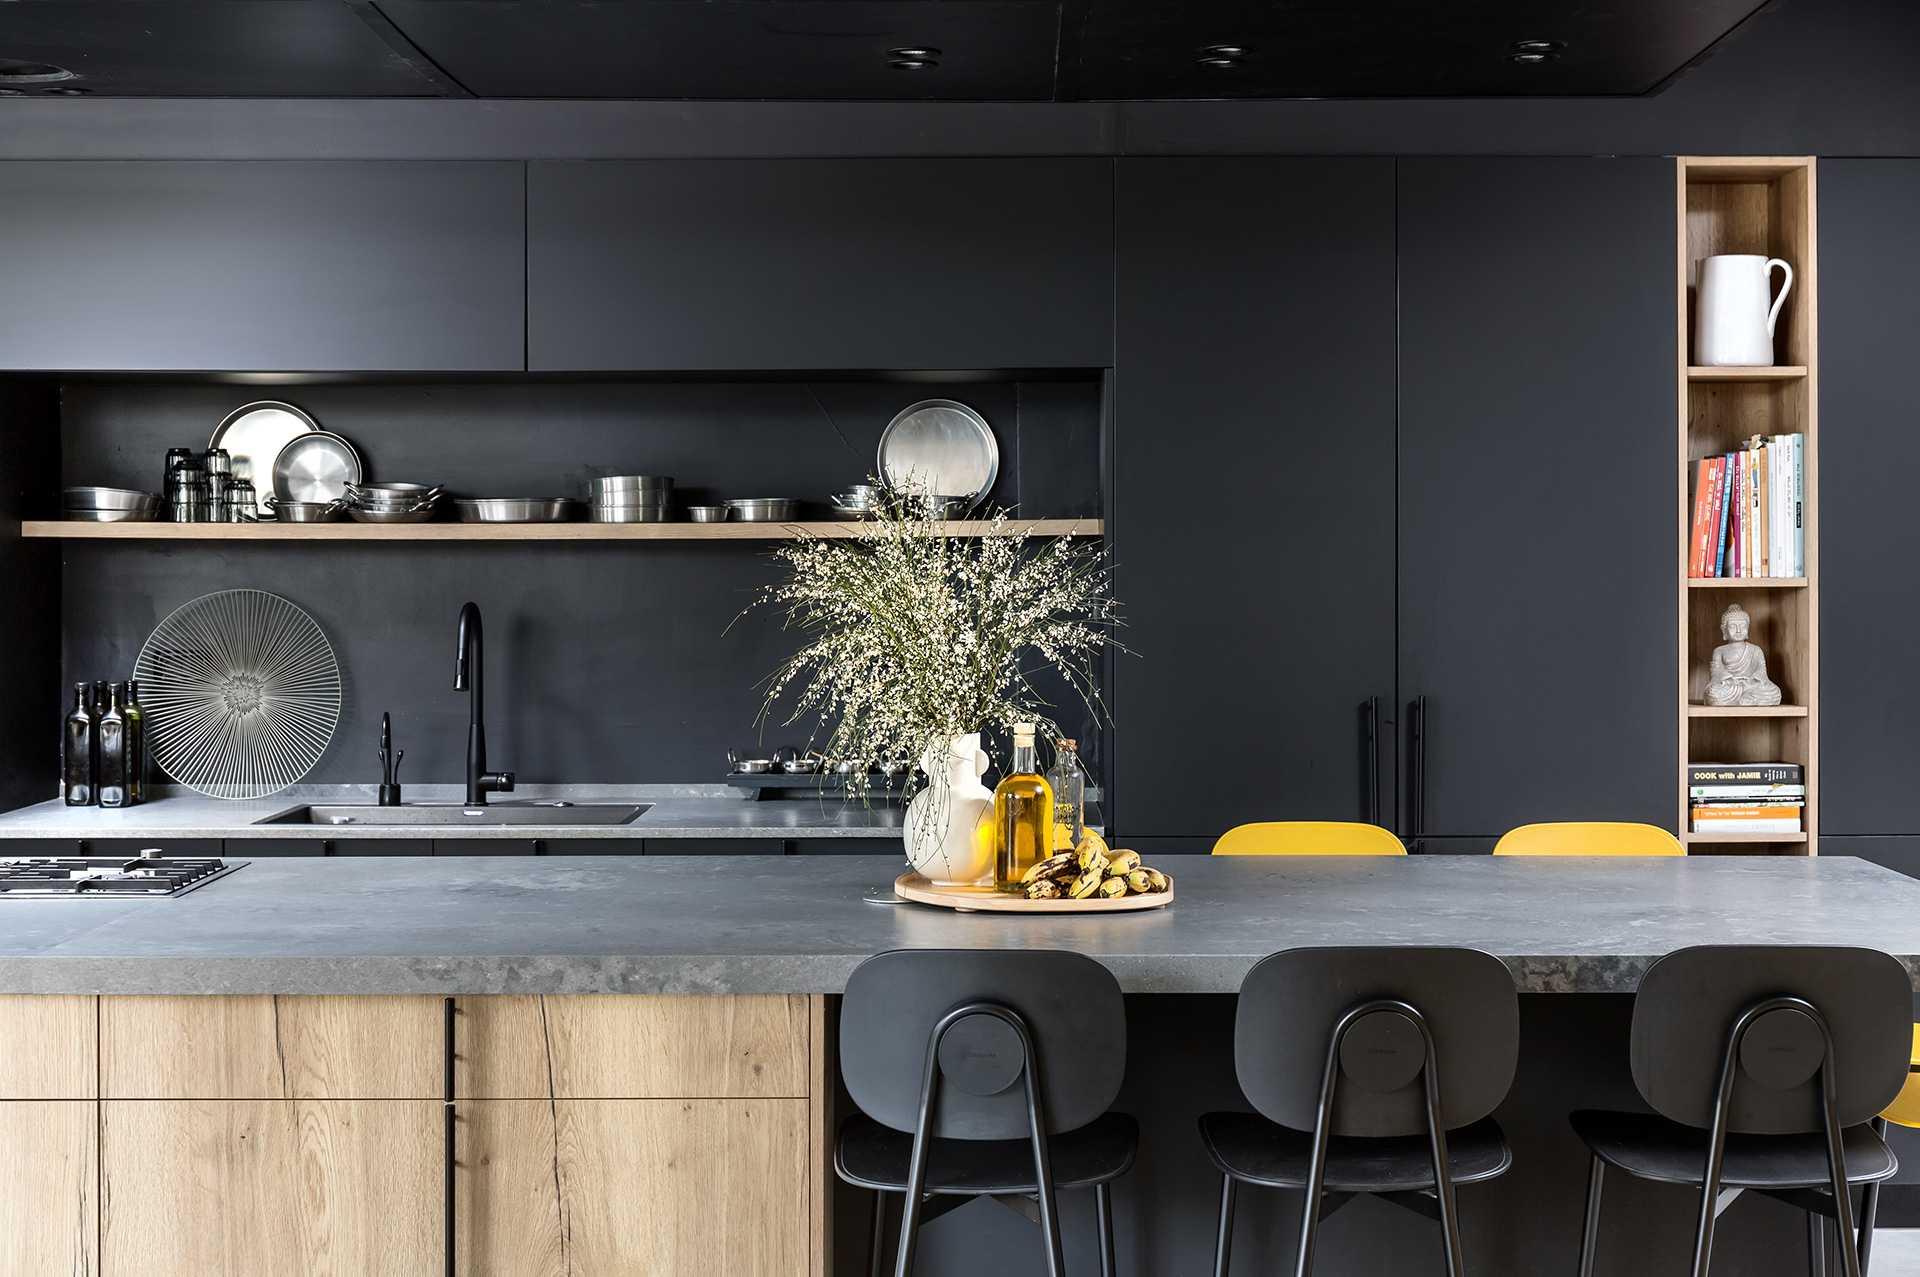 מטבח אפור עם כיסאות שחורים